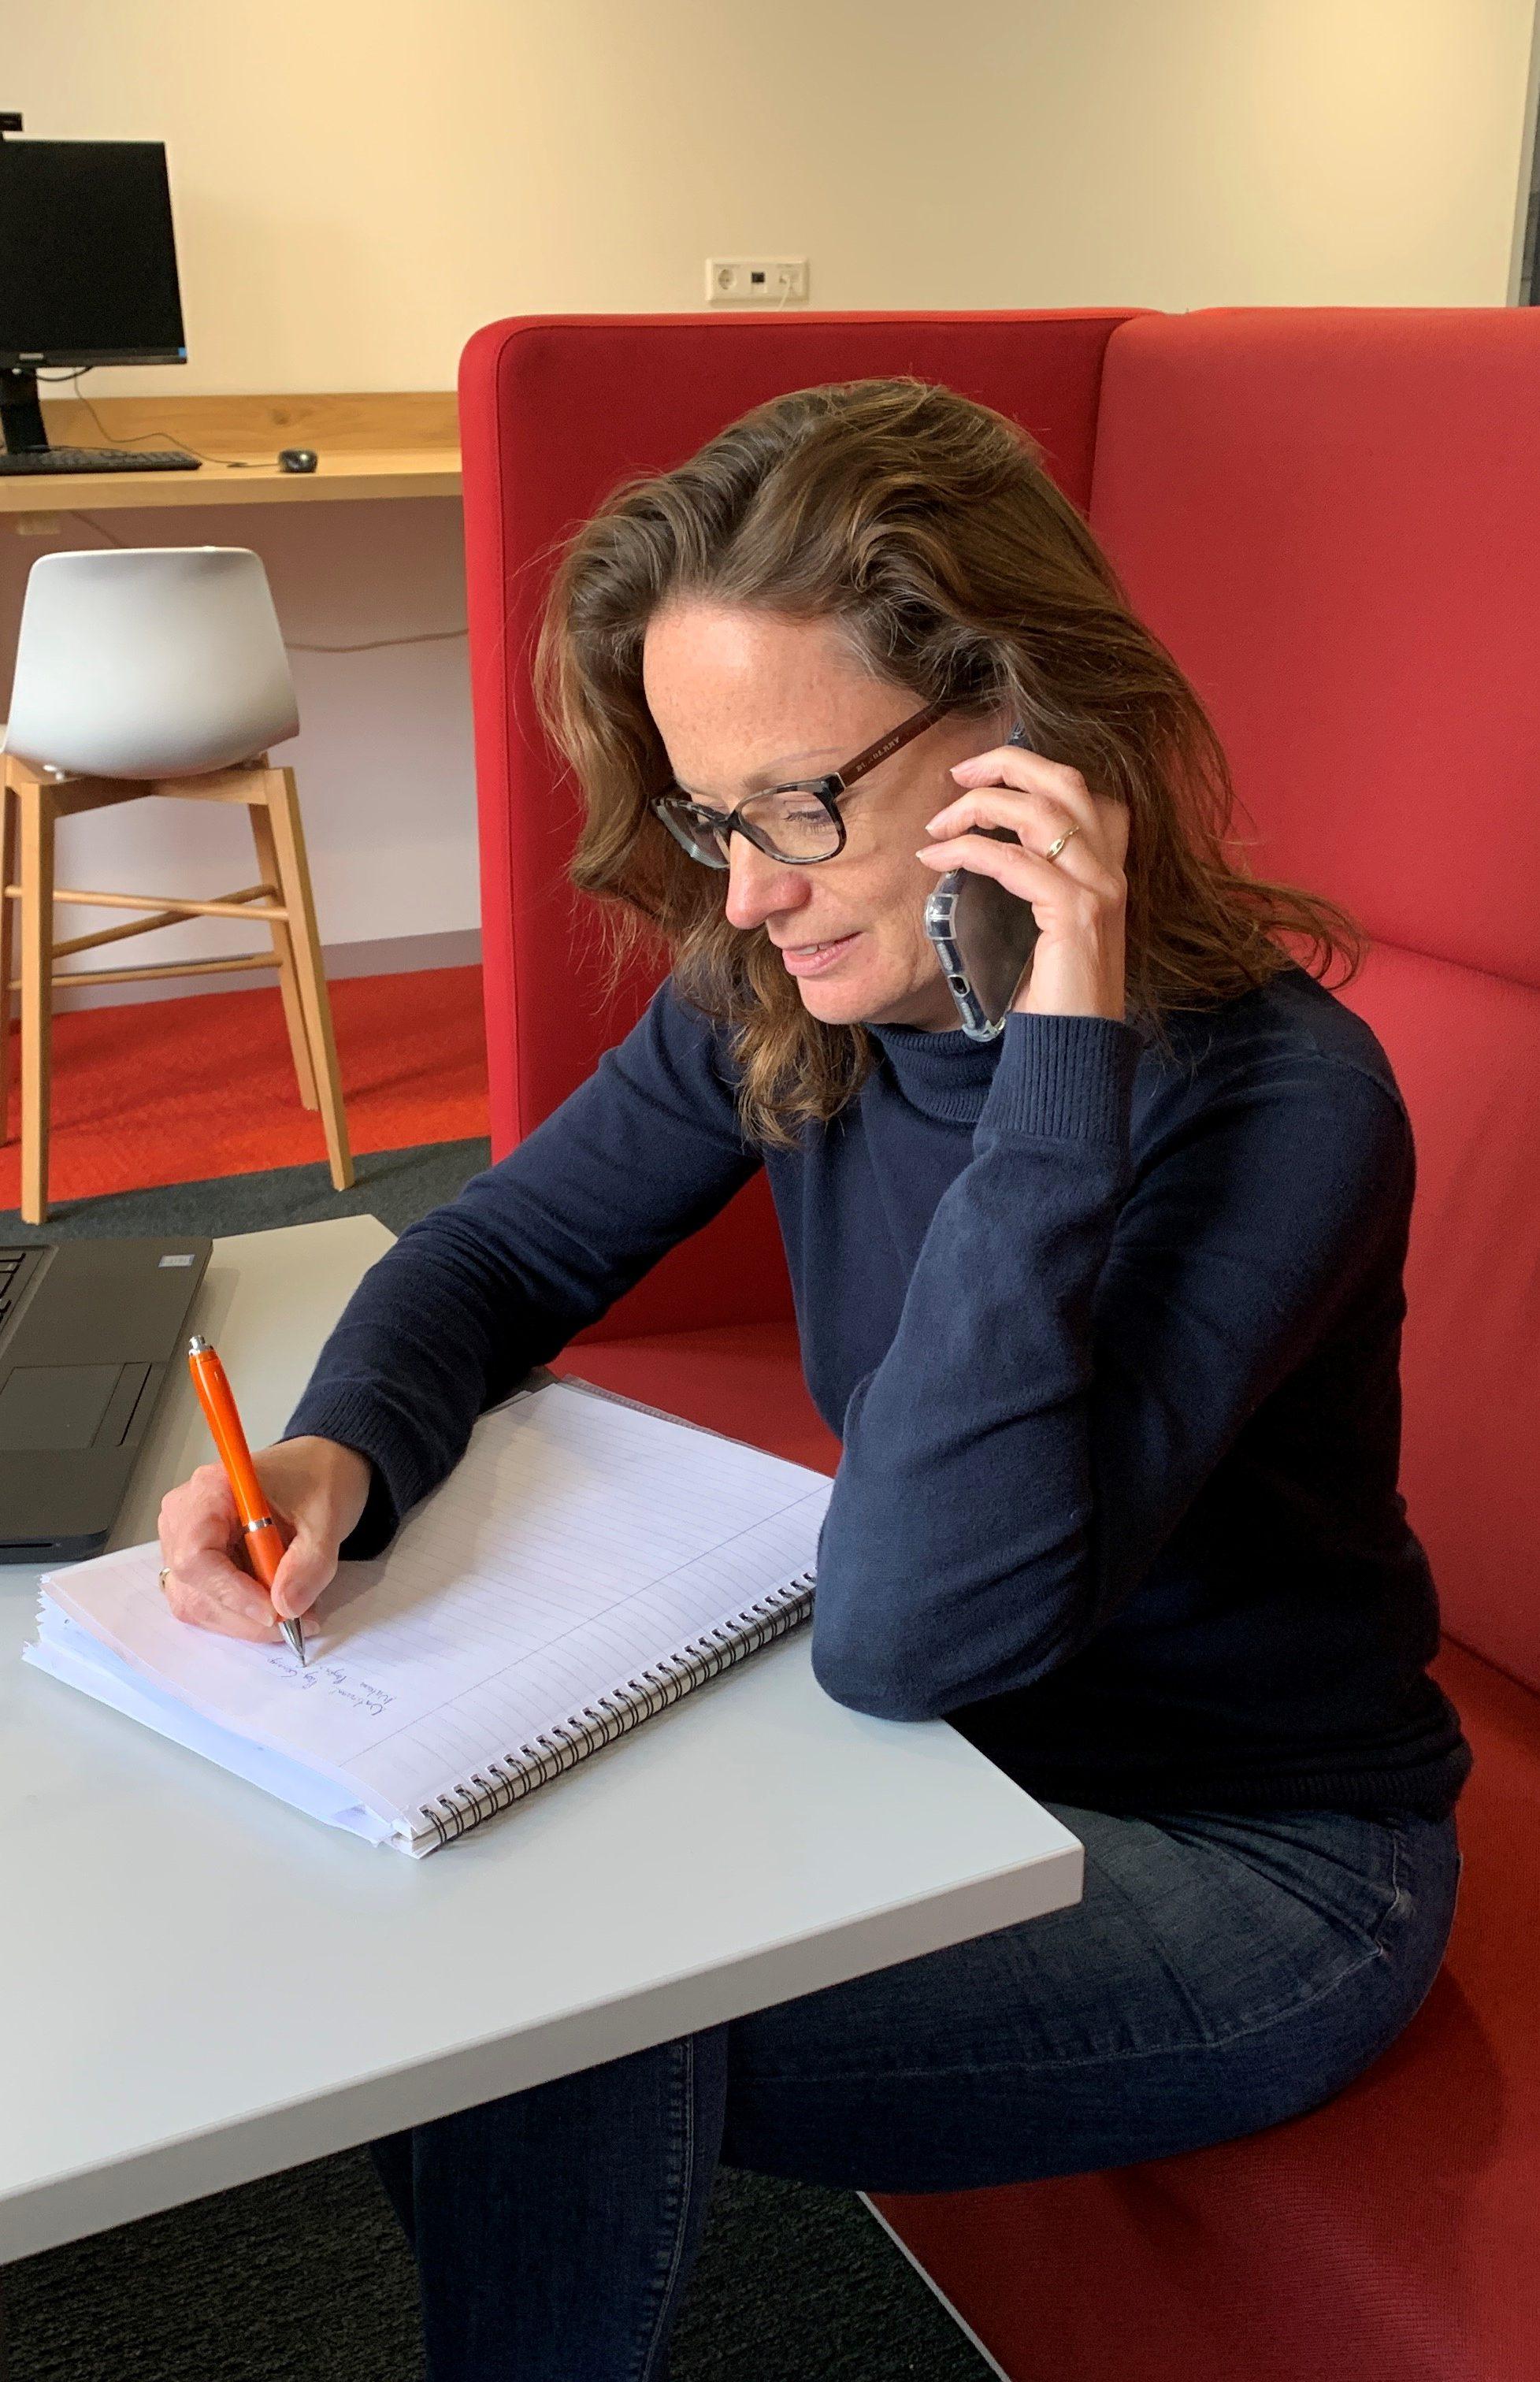 Decoratieve foto van Hetty die aan het telefoneren is en iets noteert